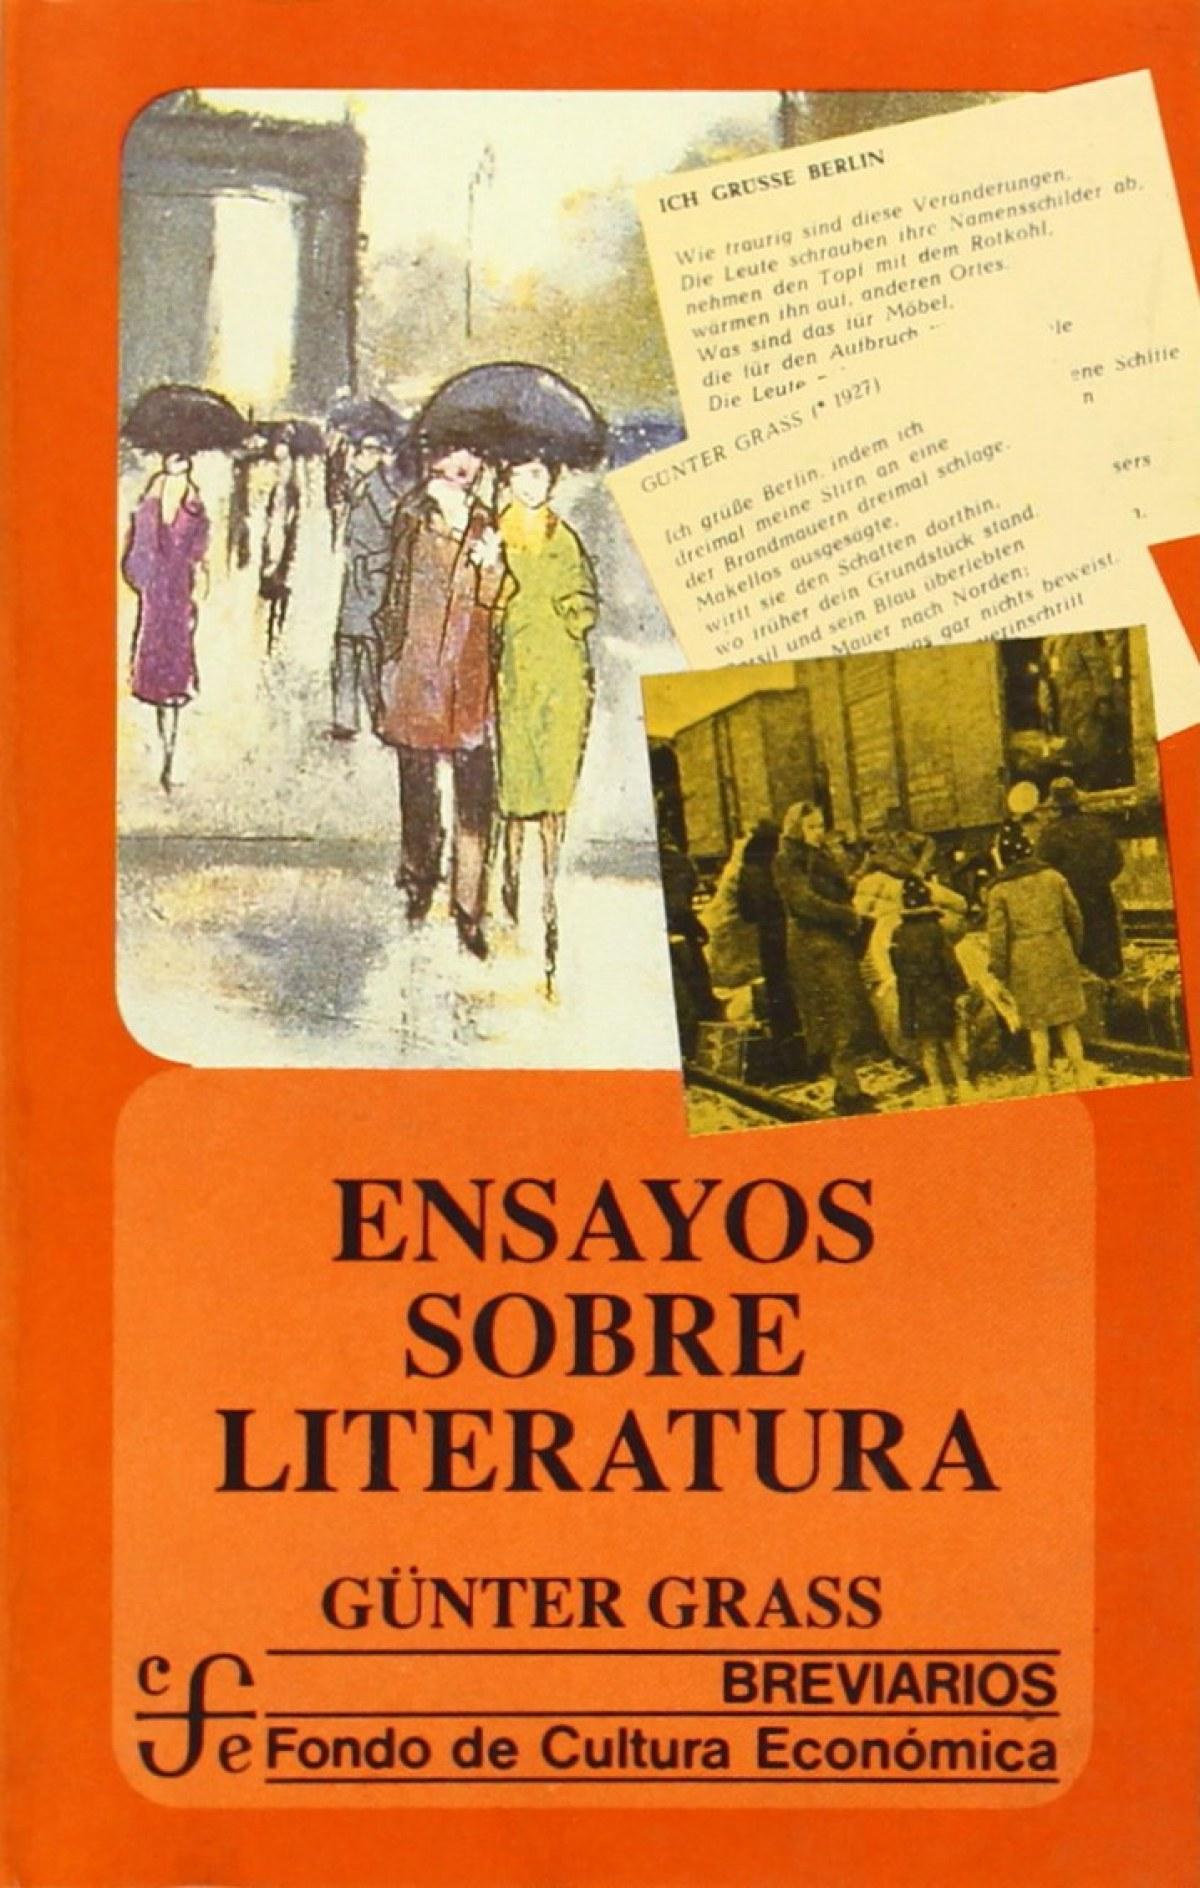 Ensayos sobre literatura